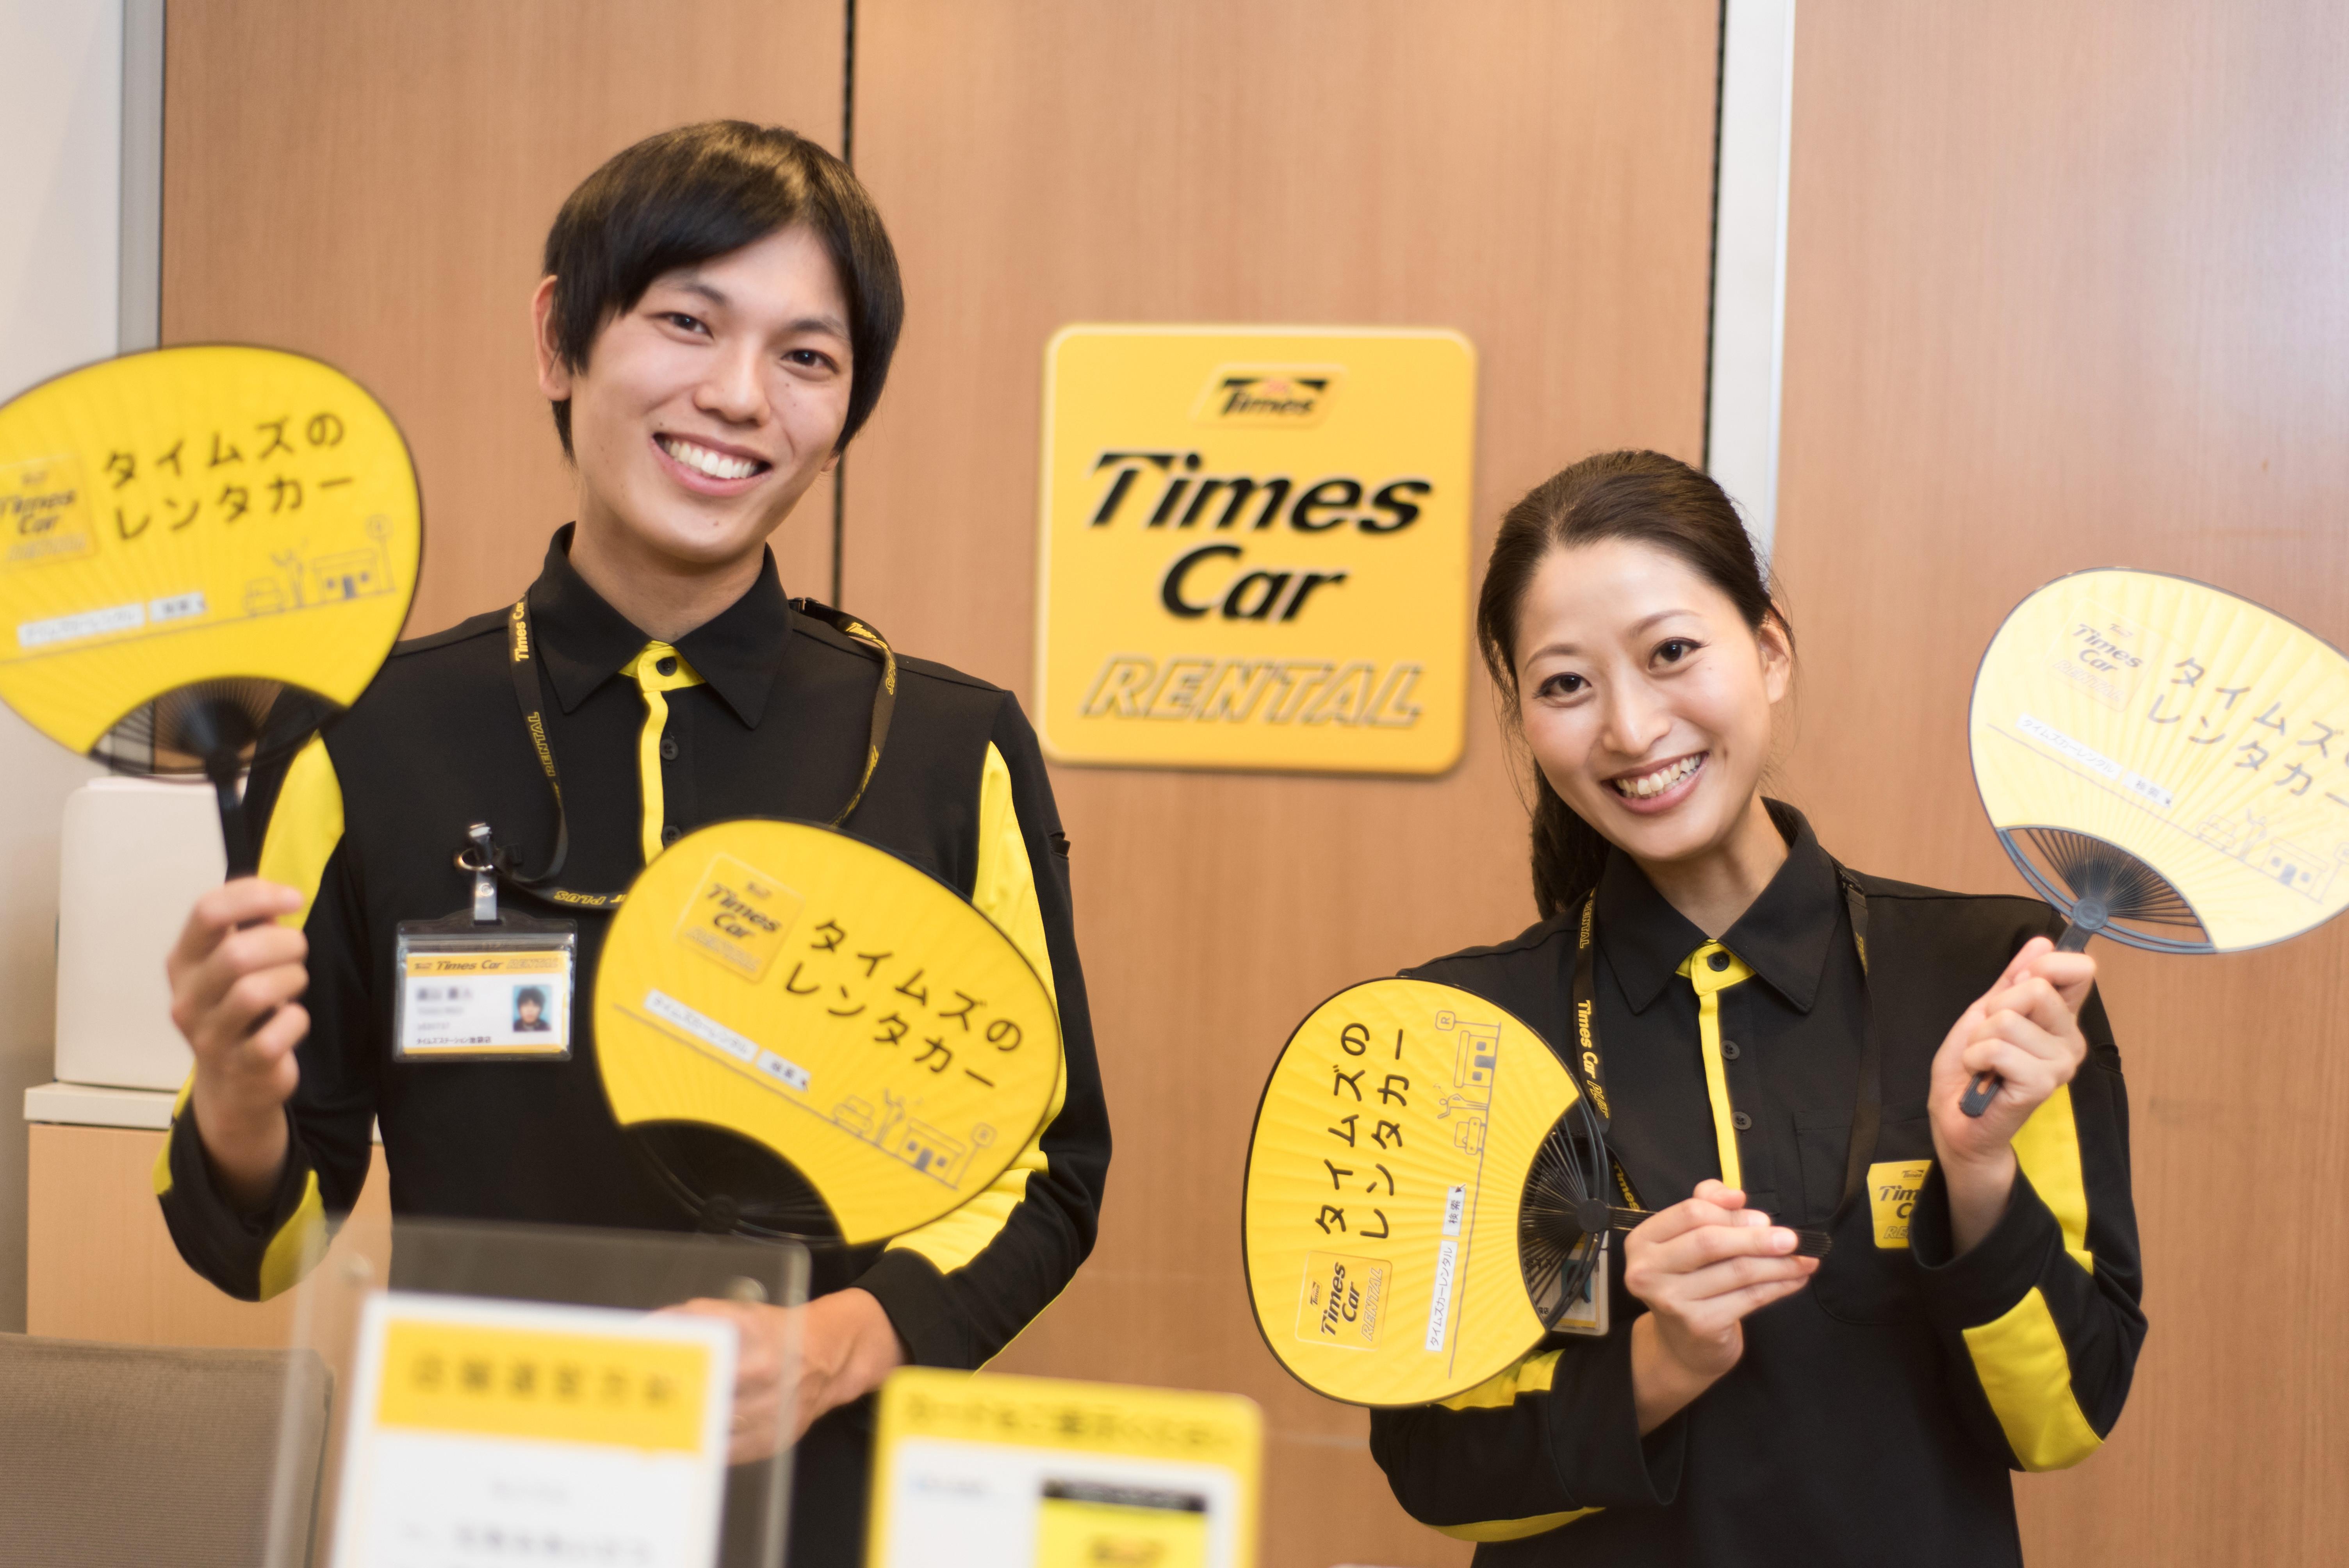 タイムズカーレンタル 長崎空港店 カウンタースタッフのアルバイト情報